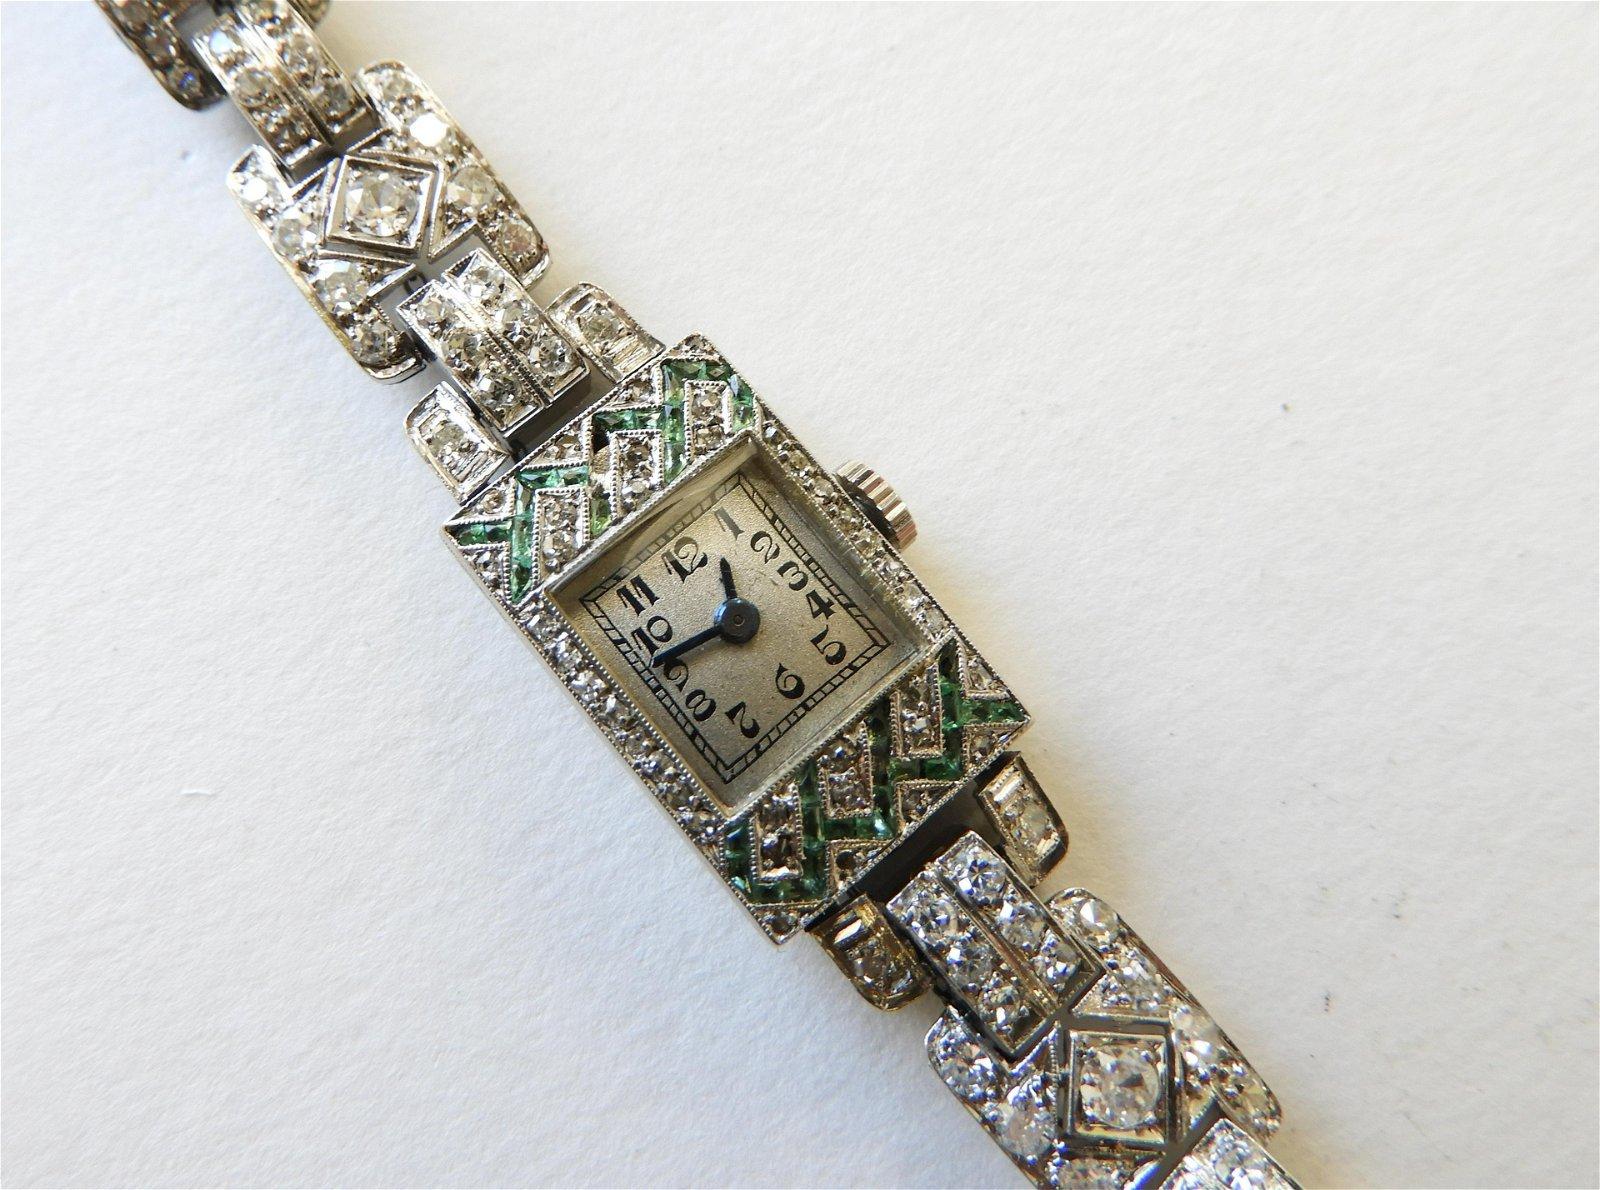 Lady's Art Deco Diamond & Emerald Wristwatch